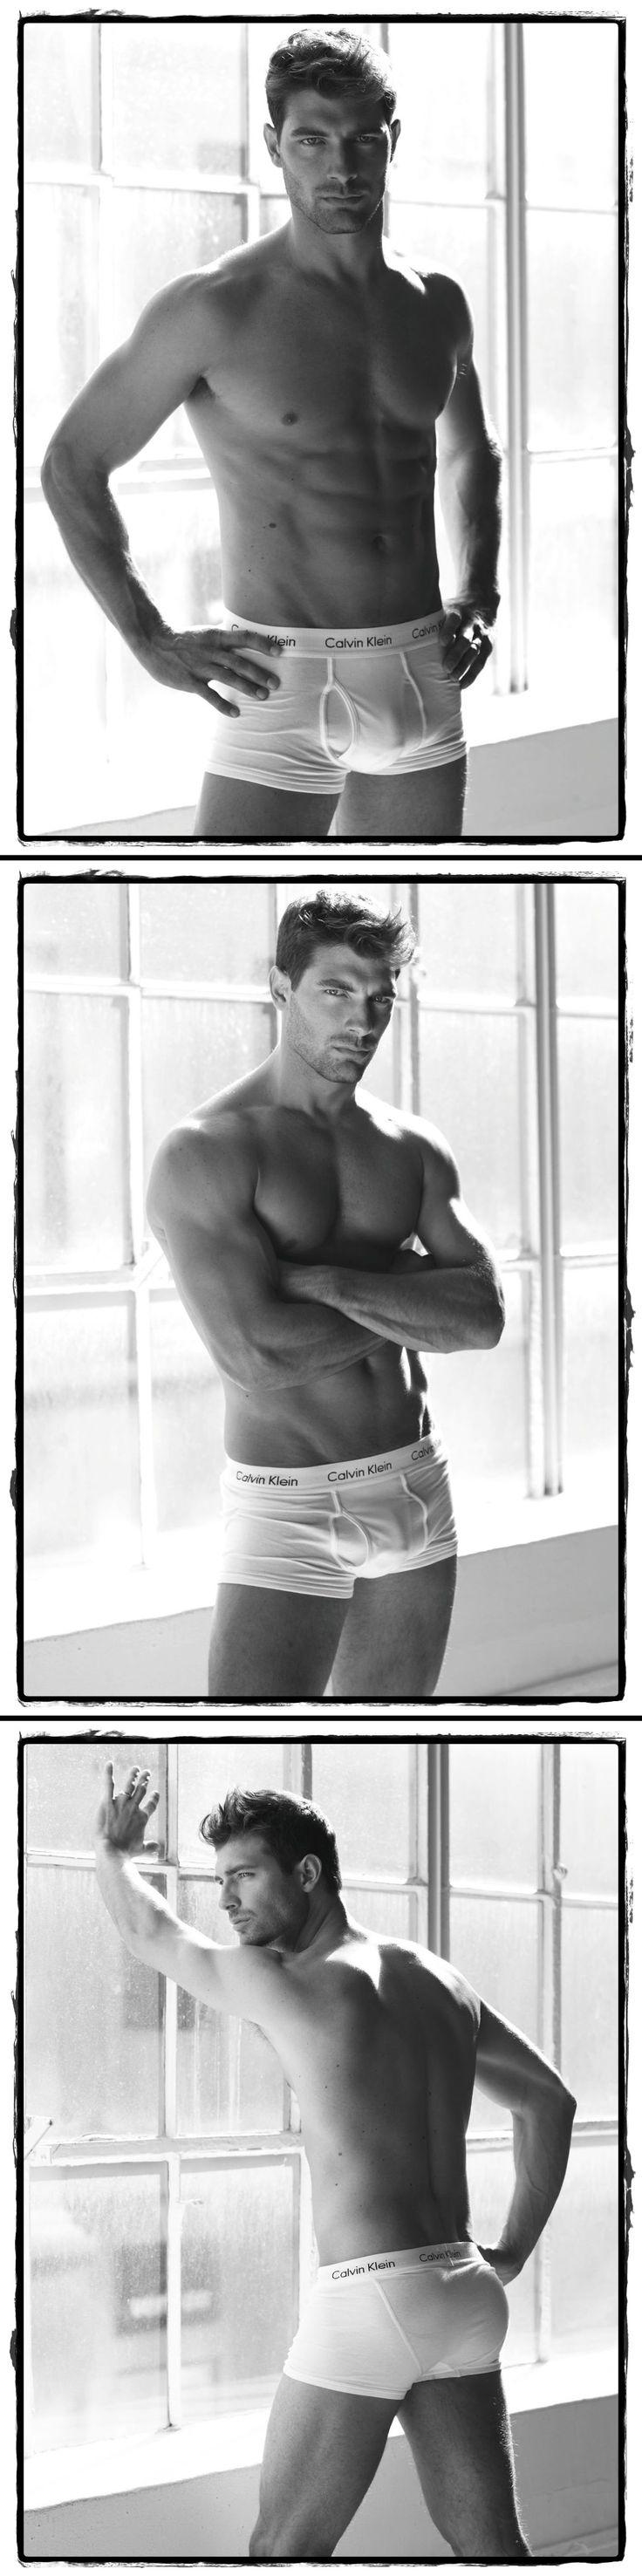 #Man #underwear #body #CalvinKlein #male